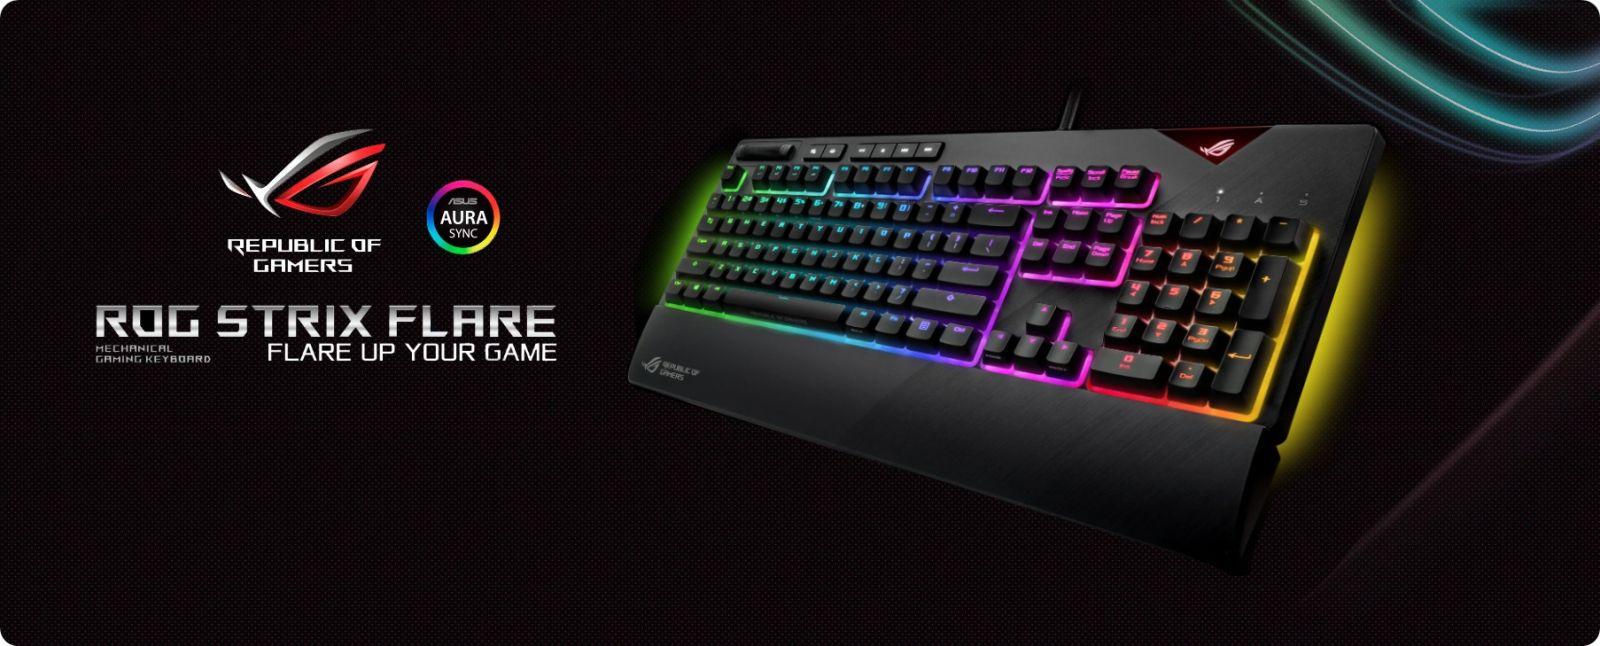 ขาย Asus Rog Strix Flare RGB Mechanical Gaming Keyboard - ฺ